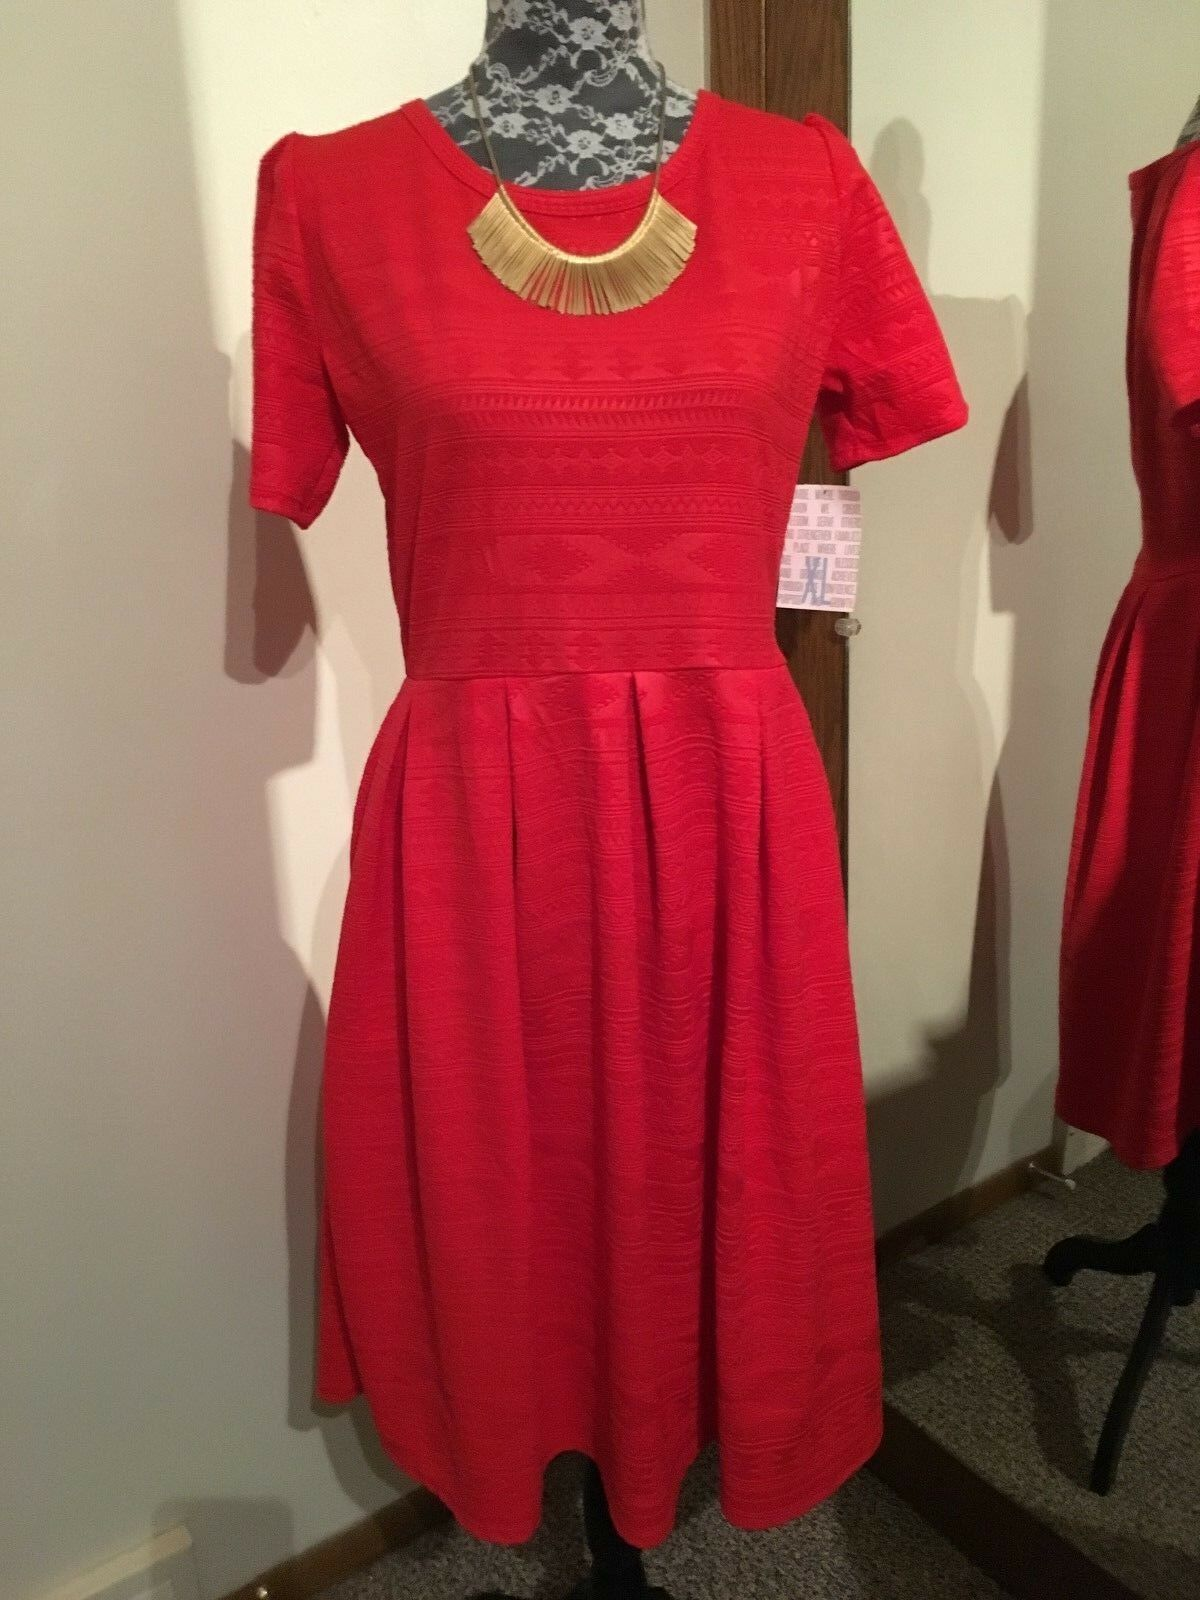 LulaRoe Red XL Amelia BNWT HTF Unicorn Party Dress